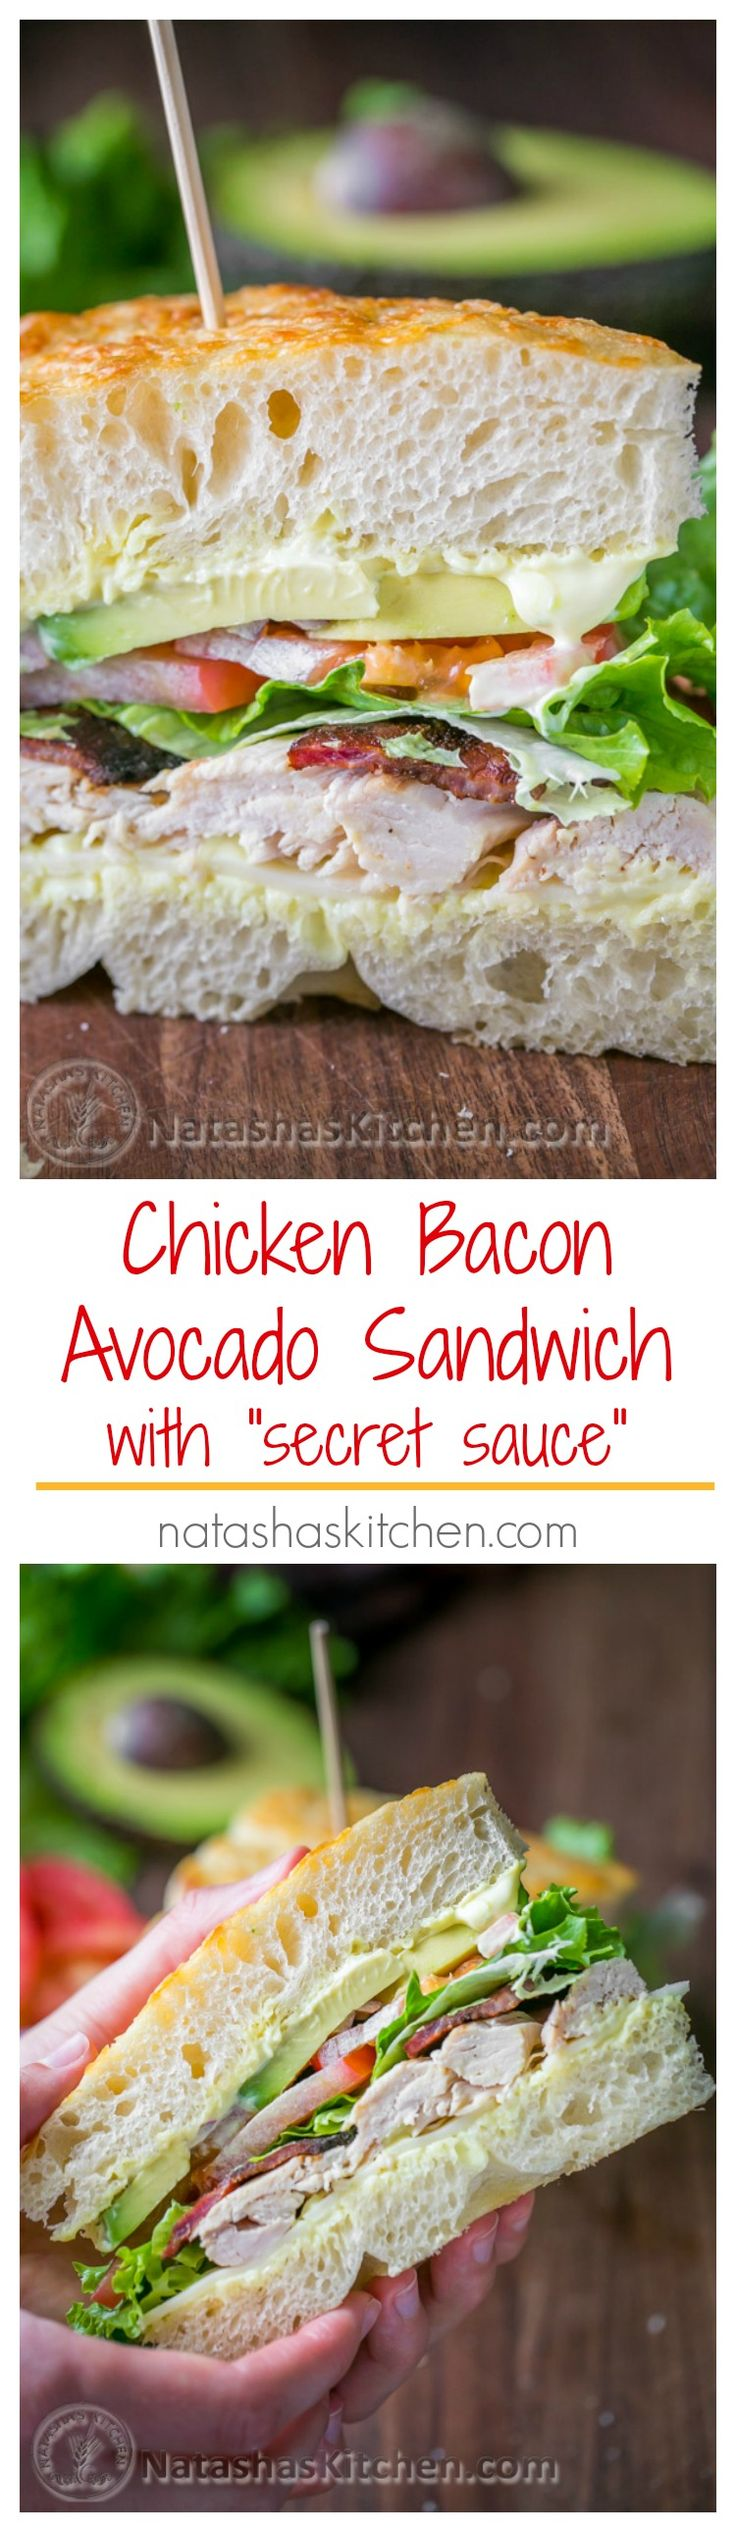 Chicken Bacon Acocado Sandwich ~ Avocados in sandwiches are so delicious. #avocado Copycat Recipe | NatashasKitchen.com